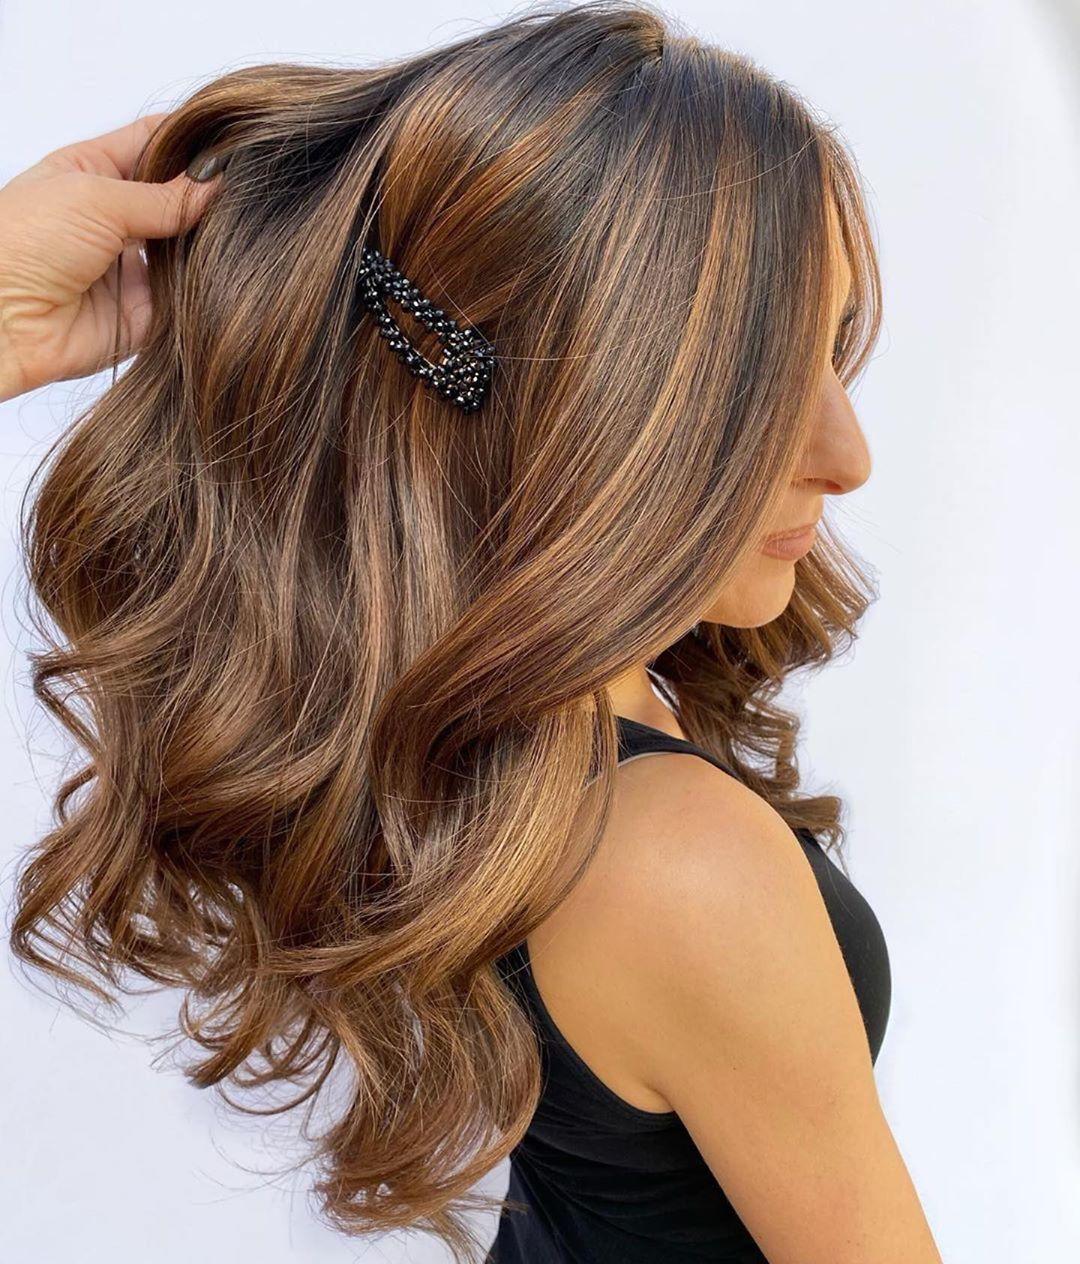 Femme aux cheveux châtain foncé avec des reflets caramel